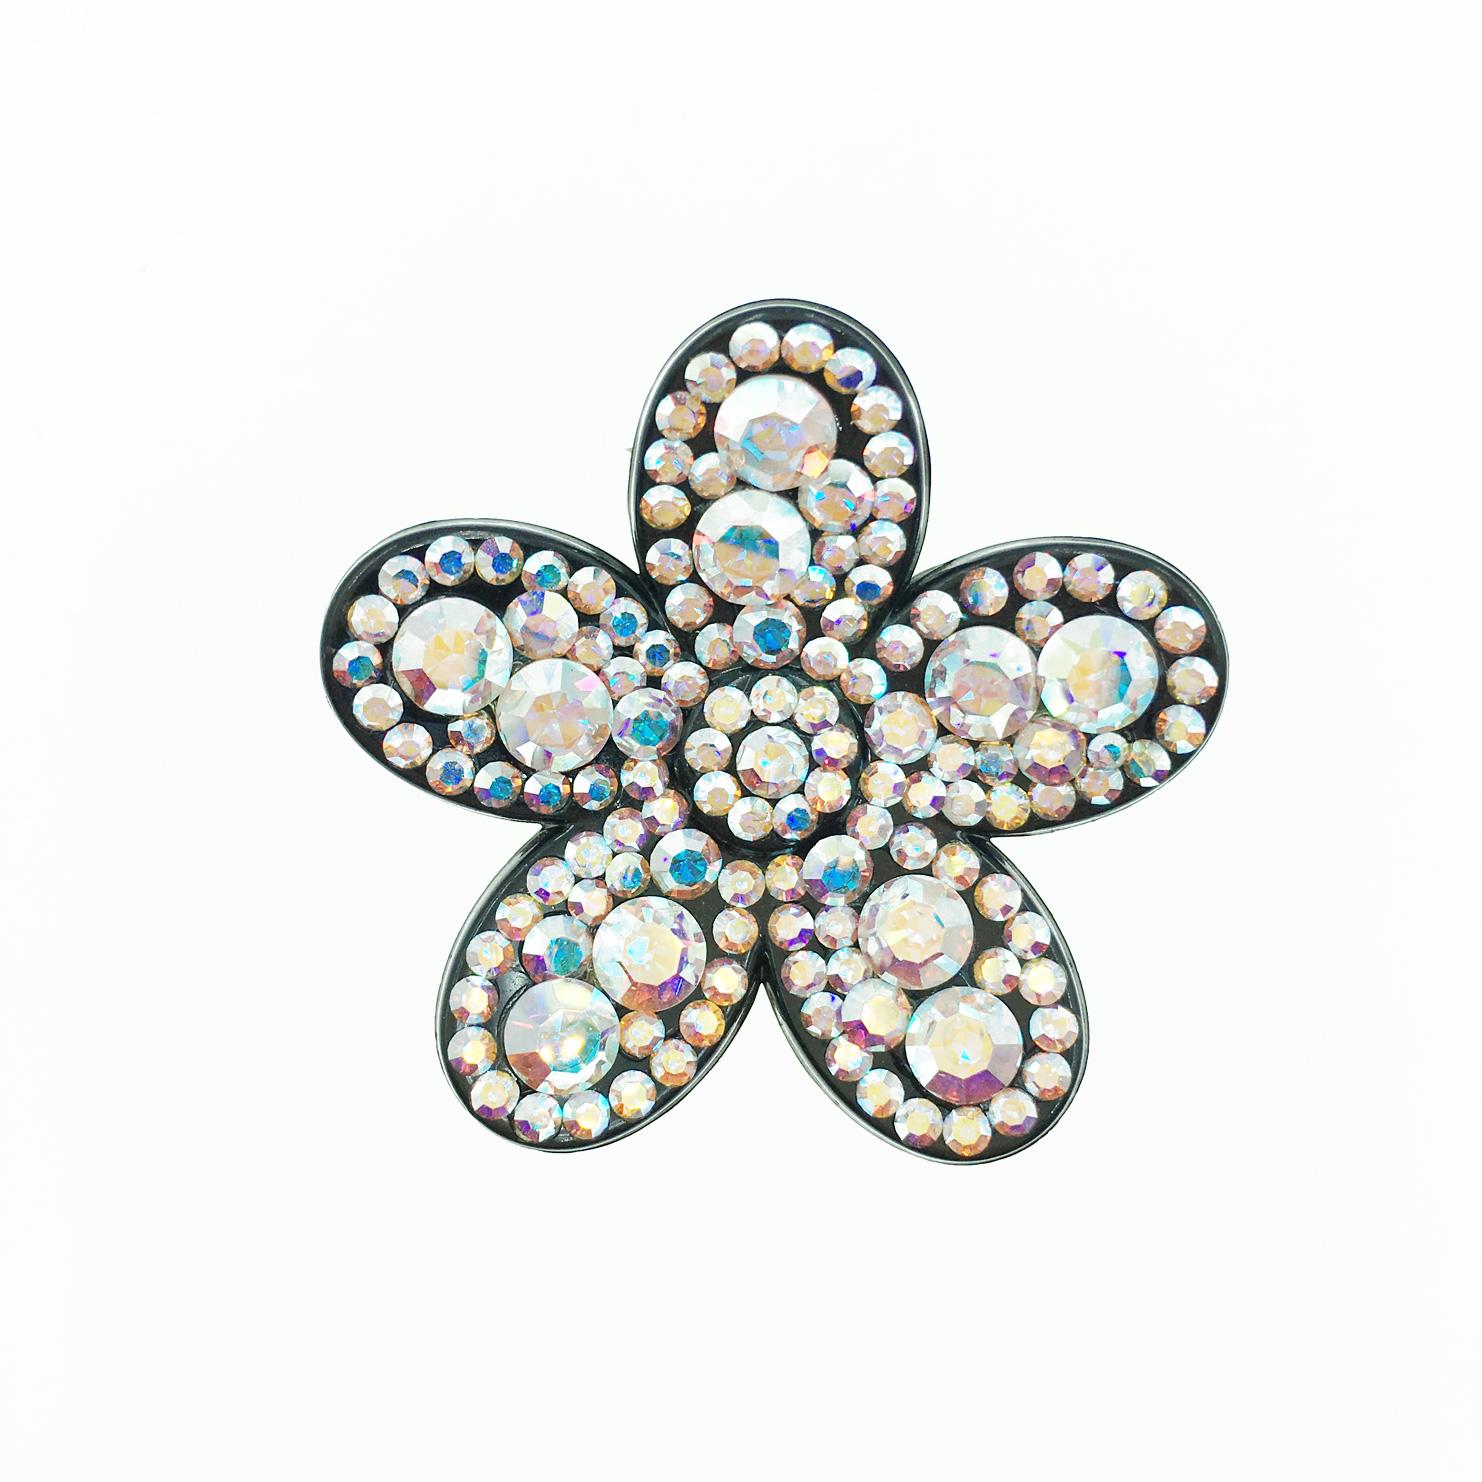 花造型 水鑽 水晶 髮飾 髮夾 法國夾 採用施華洛世奇水晶元素 Crystals from Swarovski